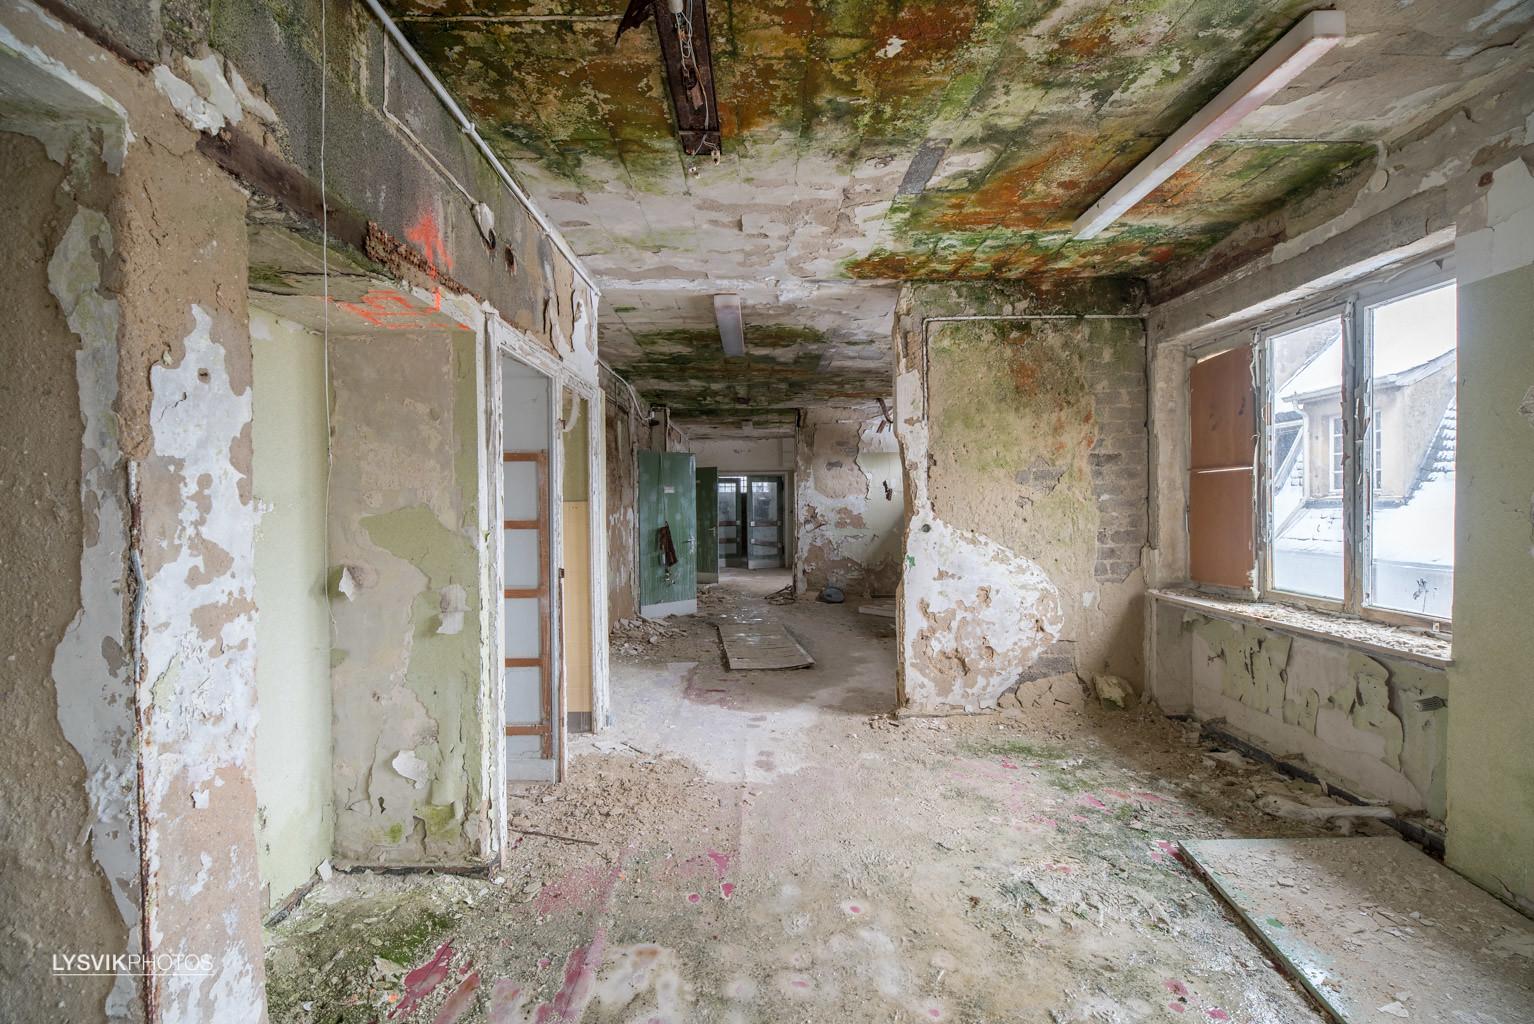 Dilapidated hallways in Kent School